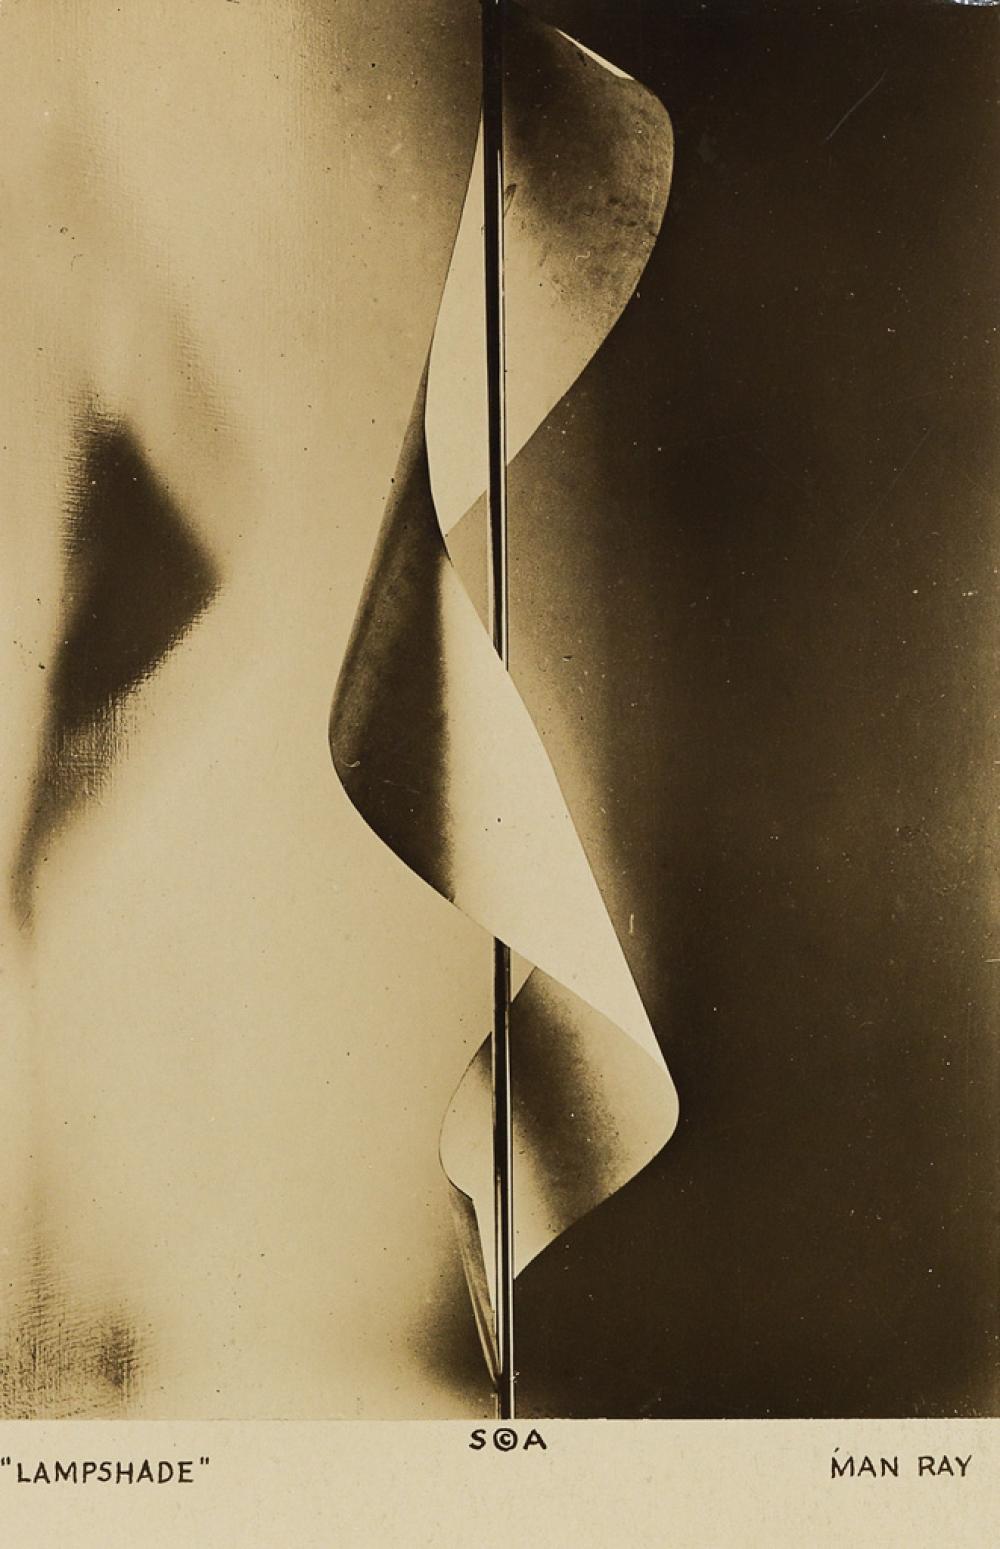 MAN RAY (1890-1976) Lampshade.